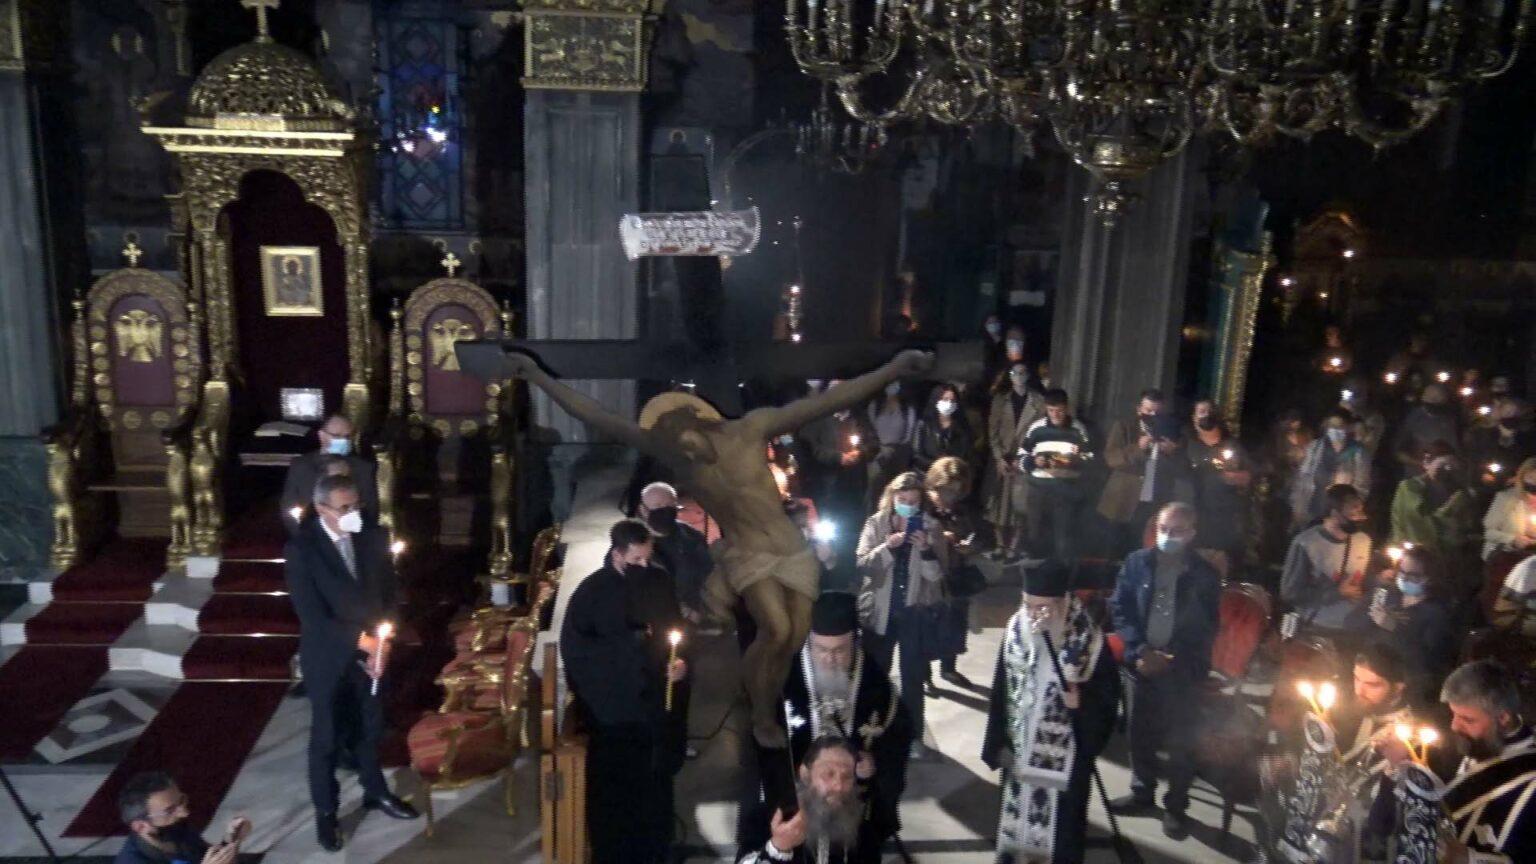 Ζάκυνθος: Περιφορά Εσταυρωμένου 2021 στην Ιερά Μονή Αγίου Διονυσίου [βίντεο]